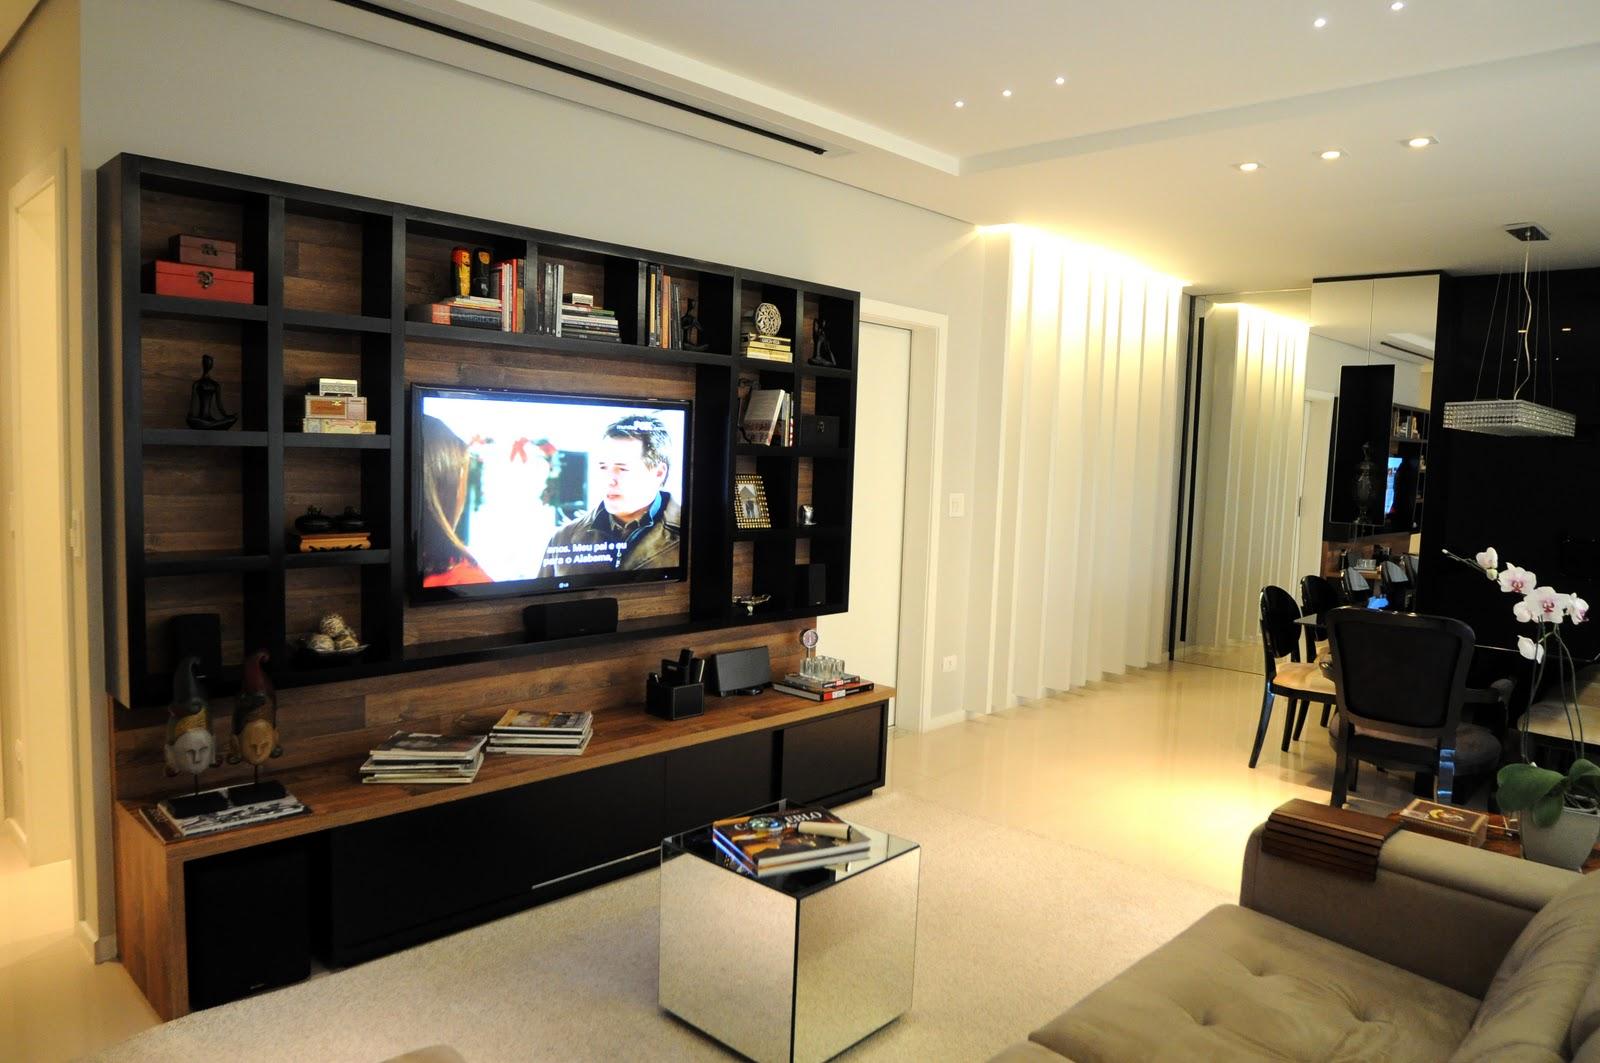 #9F852C Sala Apartamento CJ 1600x1063 píxeis em Apartamento Sala